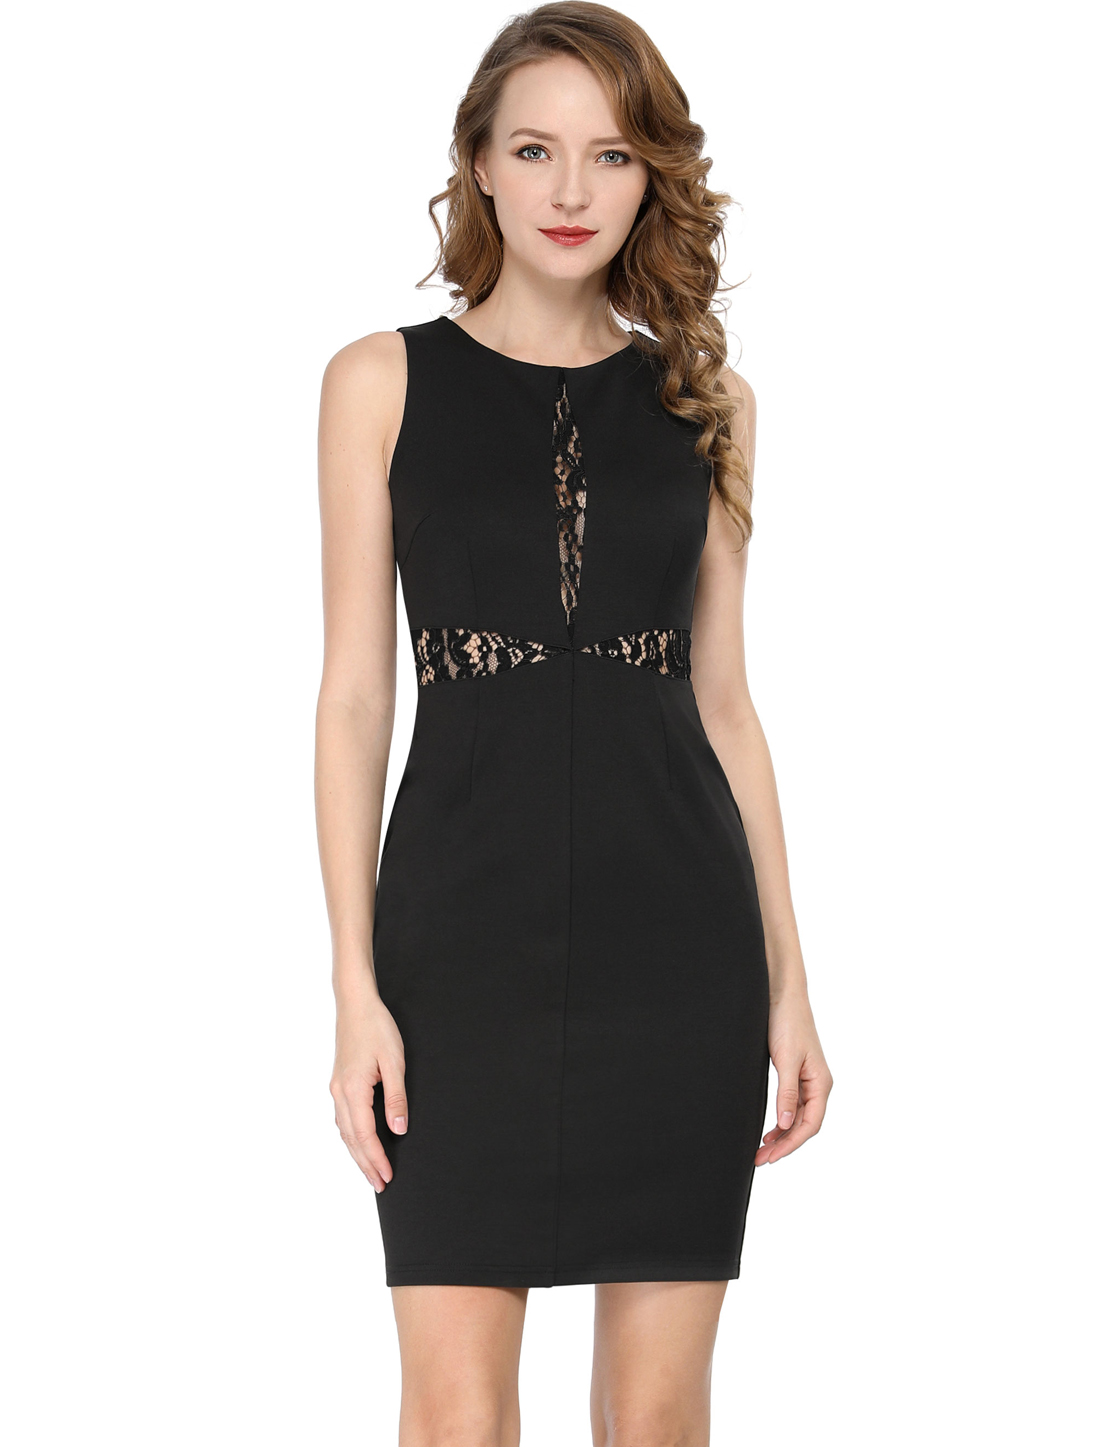 Allegra K Lace Front Cocktail Above Knee Little Black Dress Black M (US 10)